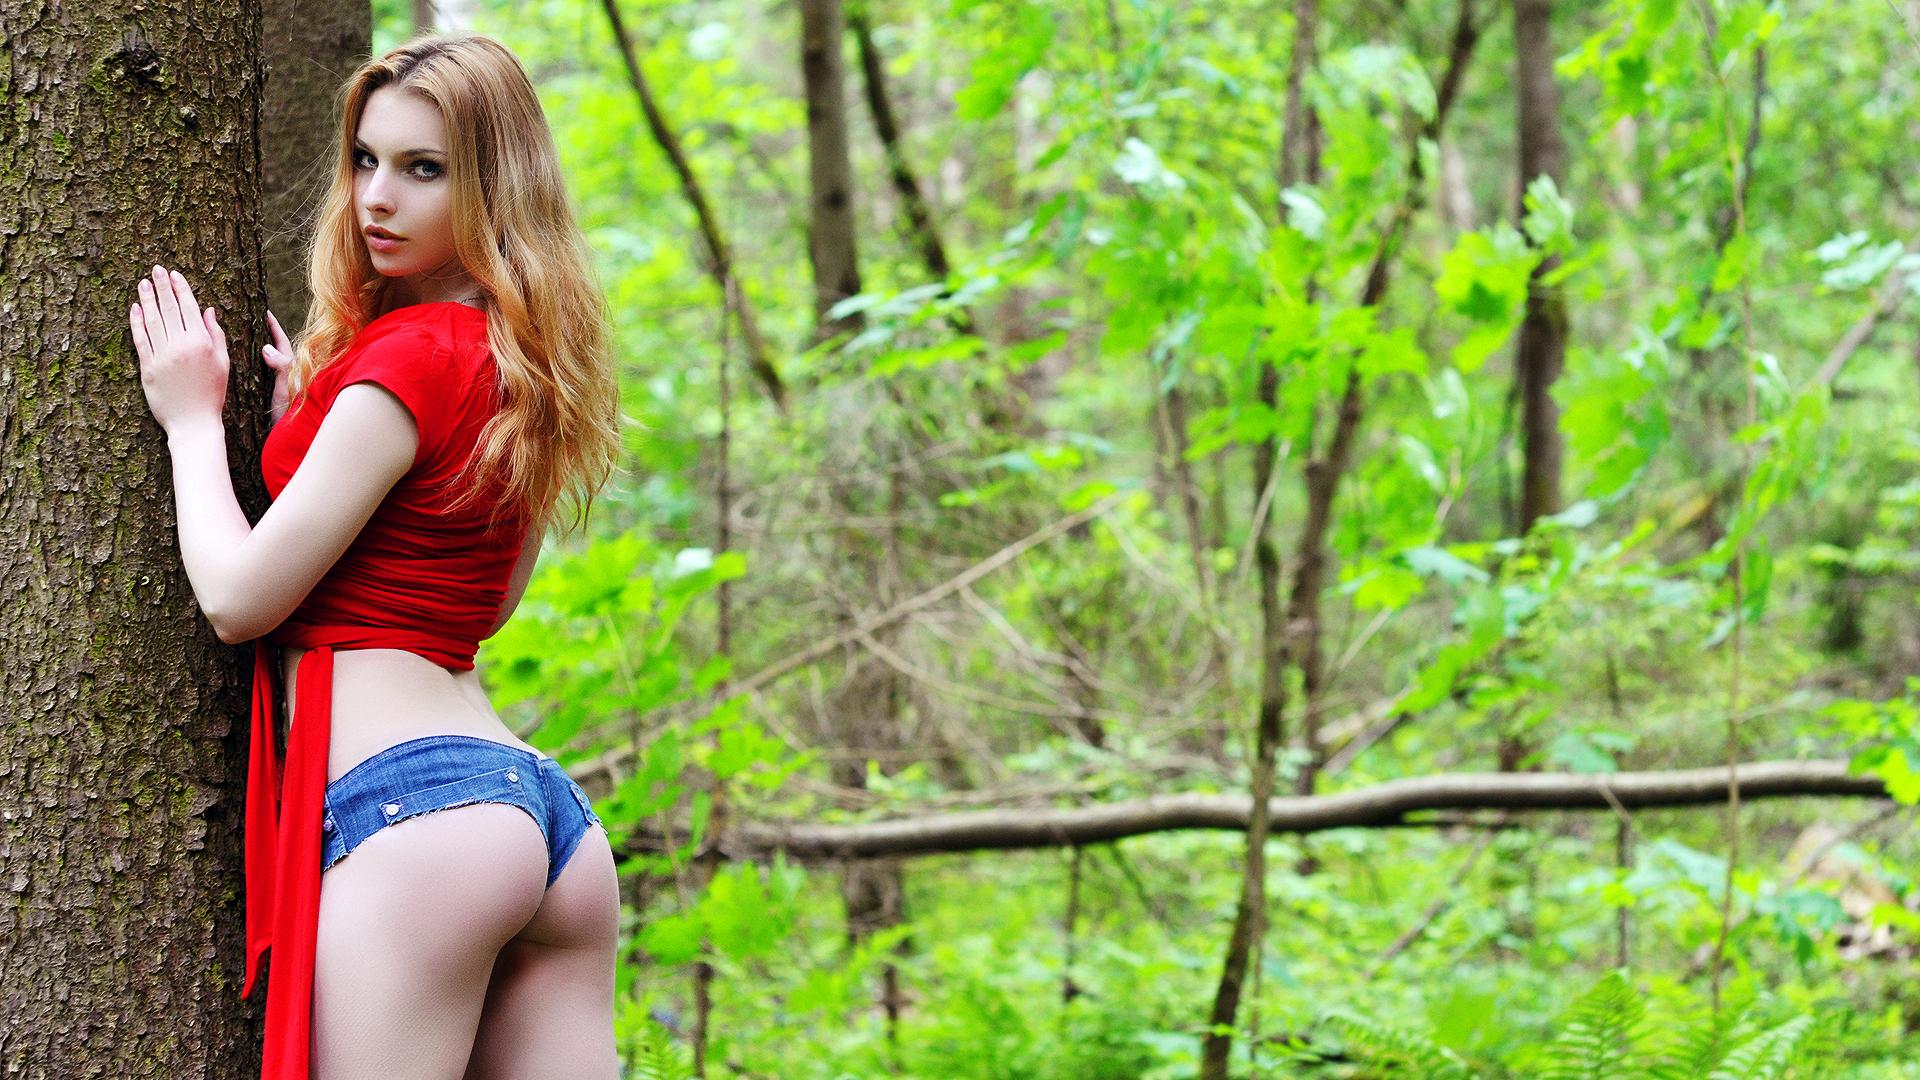 Рыжеволосую малышку друг фотографирует голой в лесу  270119